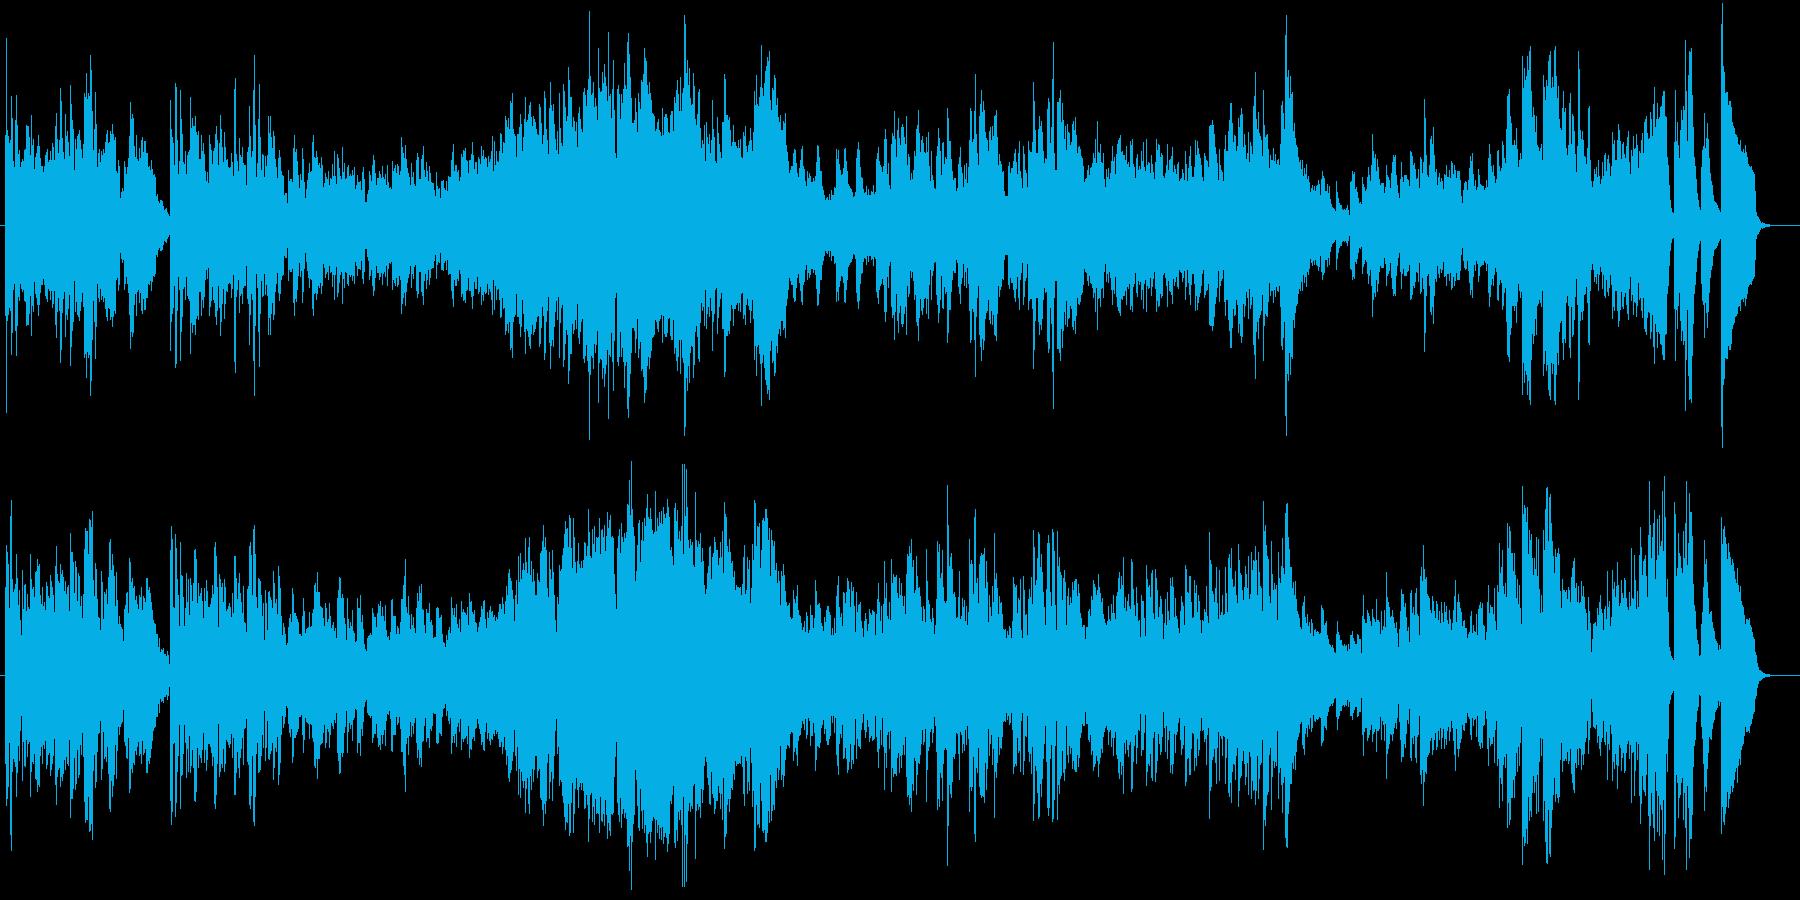 黒鍵のエチュードの再生済みの波形